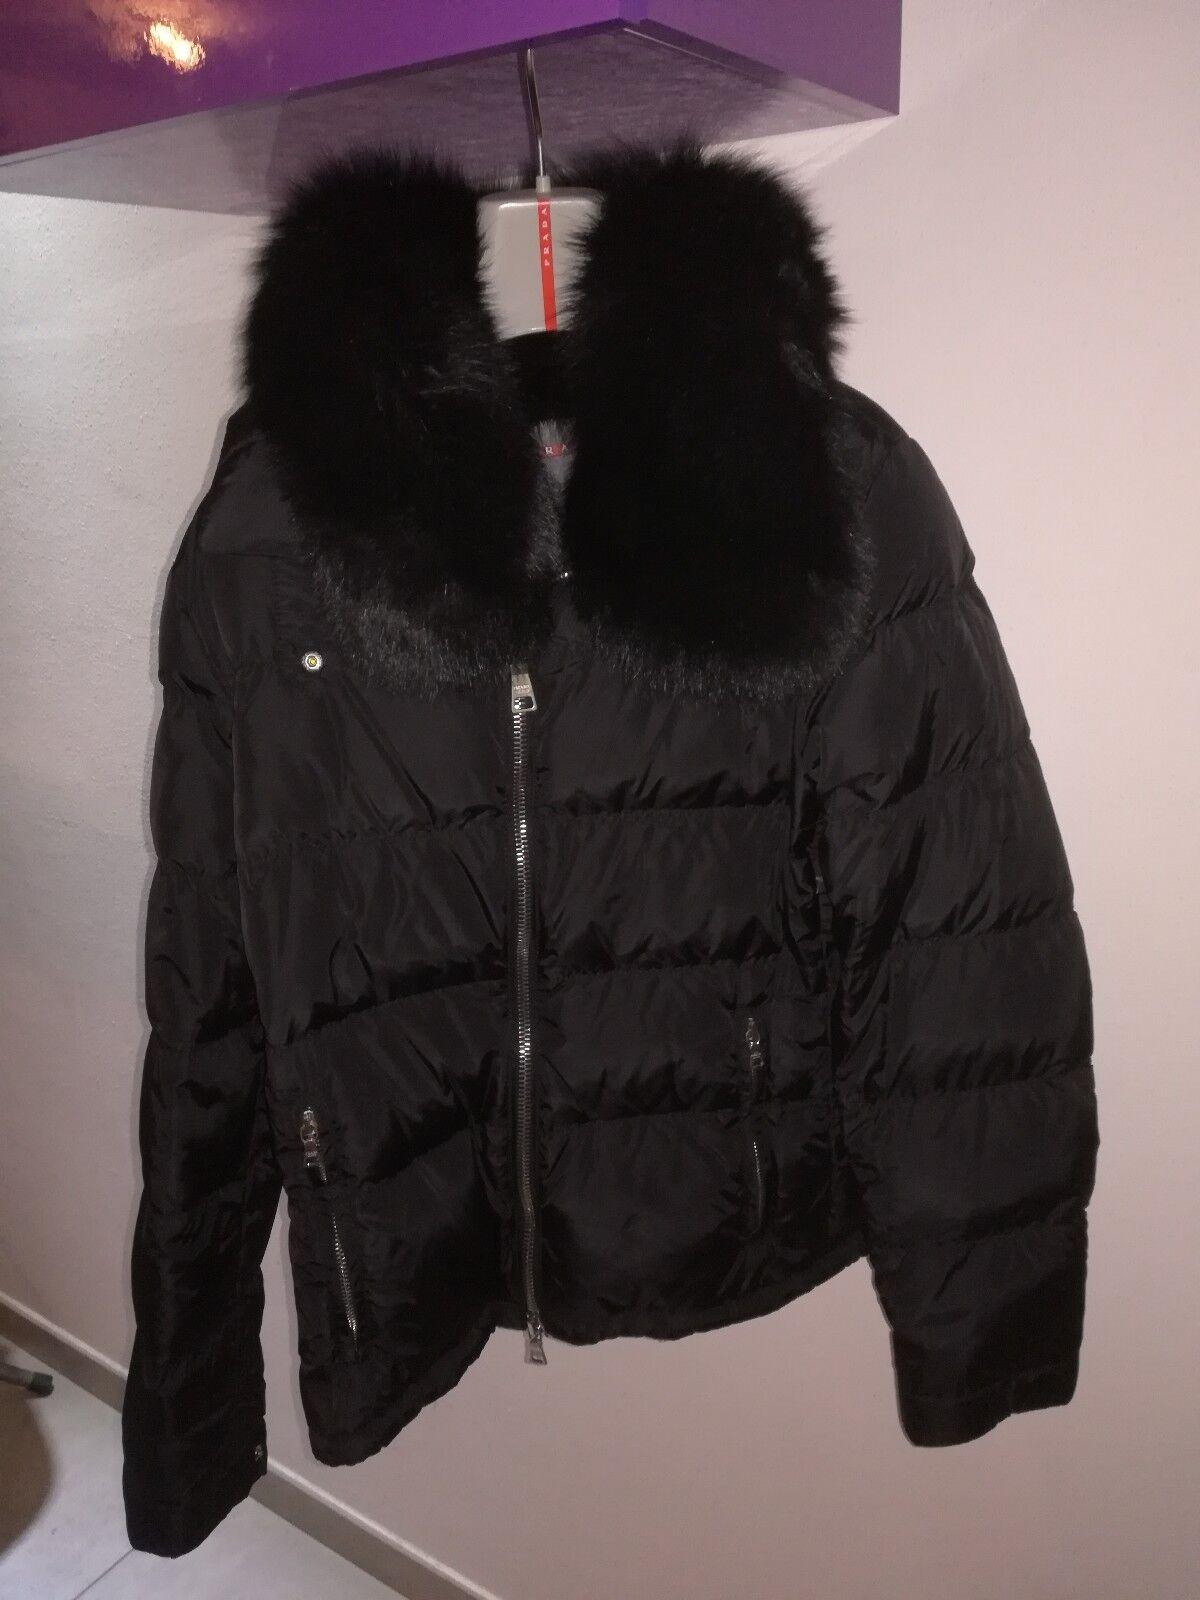 PRADA Piumino Giubbotto Imbottito women TG 42 color black Collo Lapin ORIGINALE